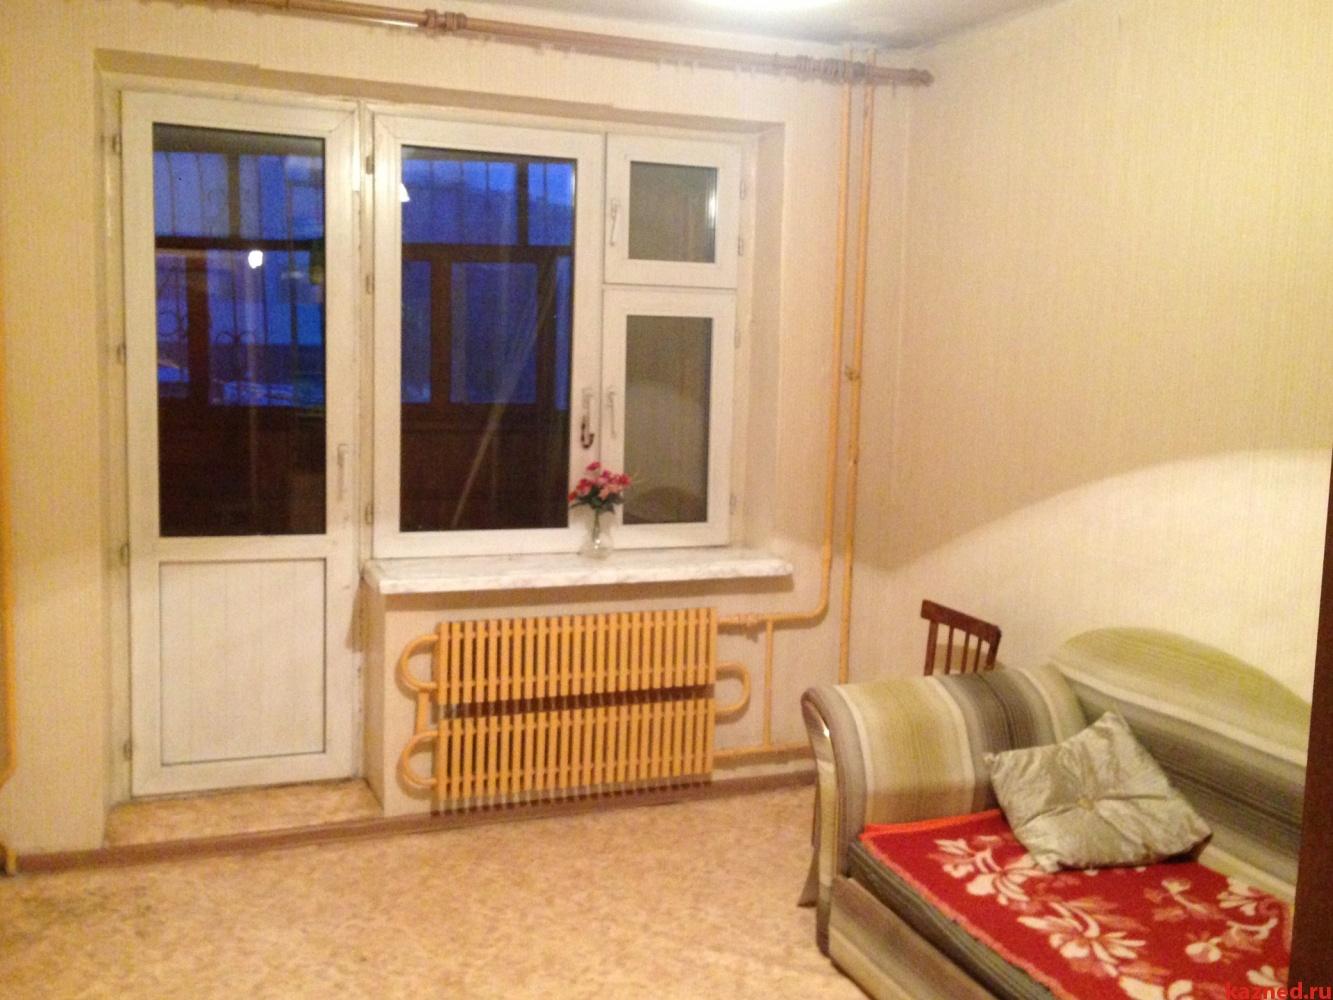 Продажа 4-к квартиры Четаева, 43, 90 м²  (миниатюра №7)